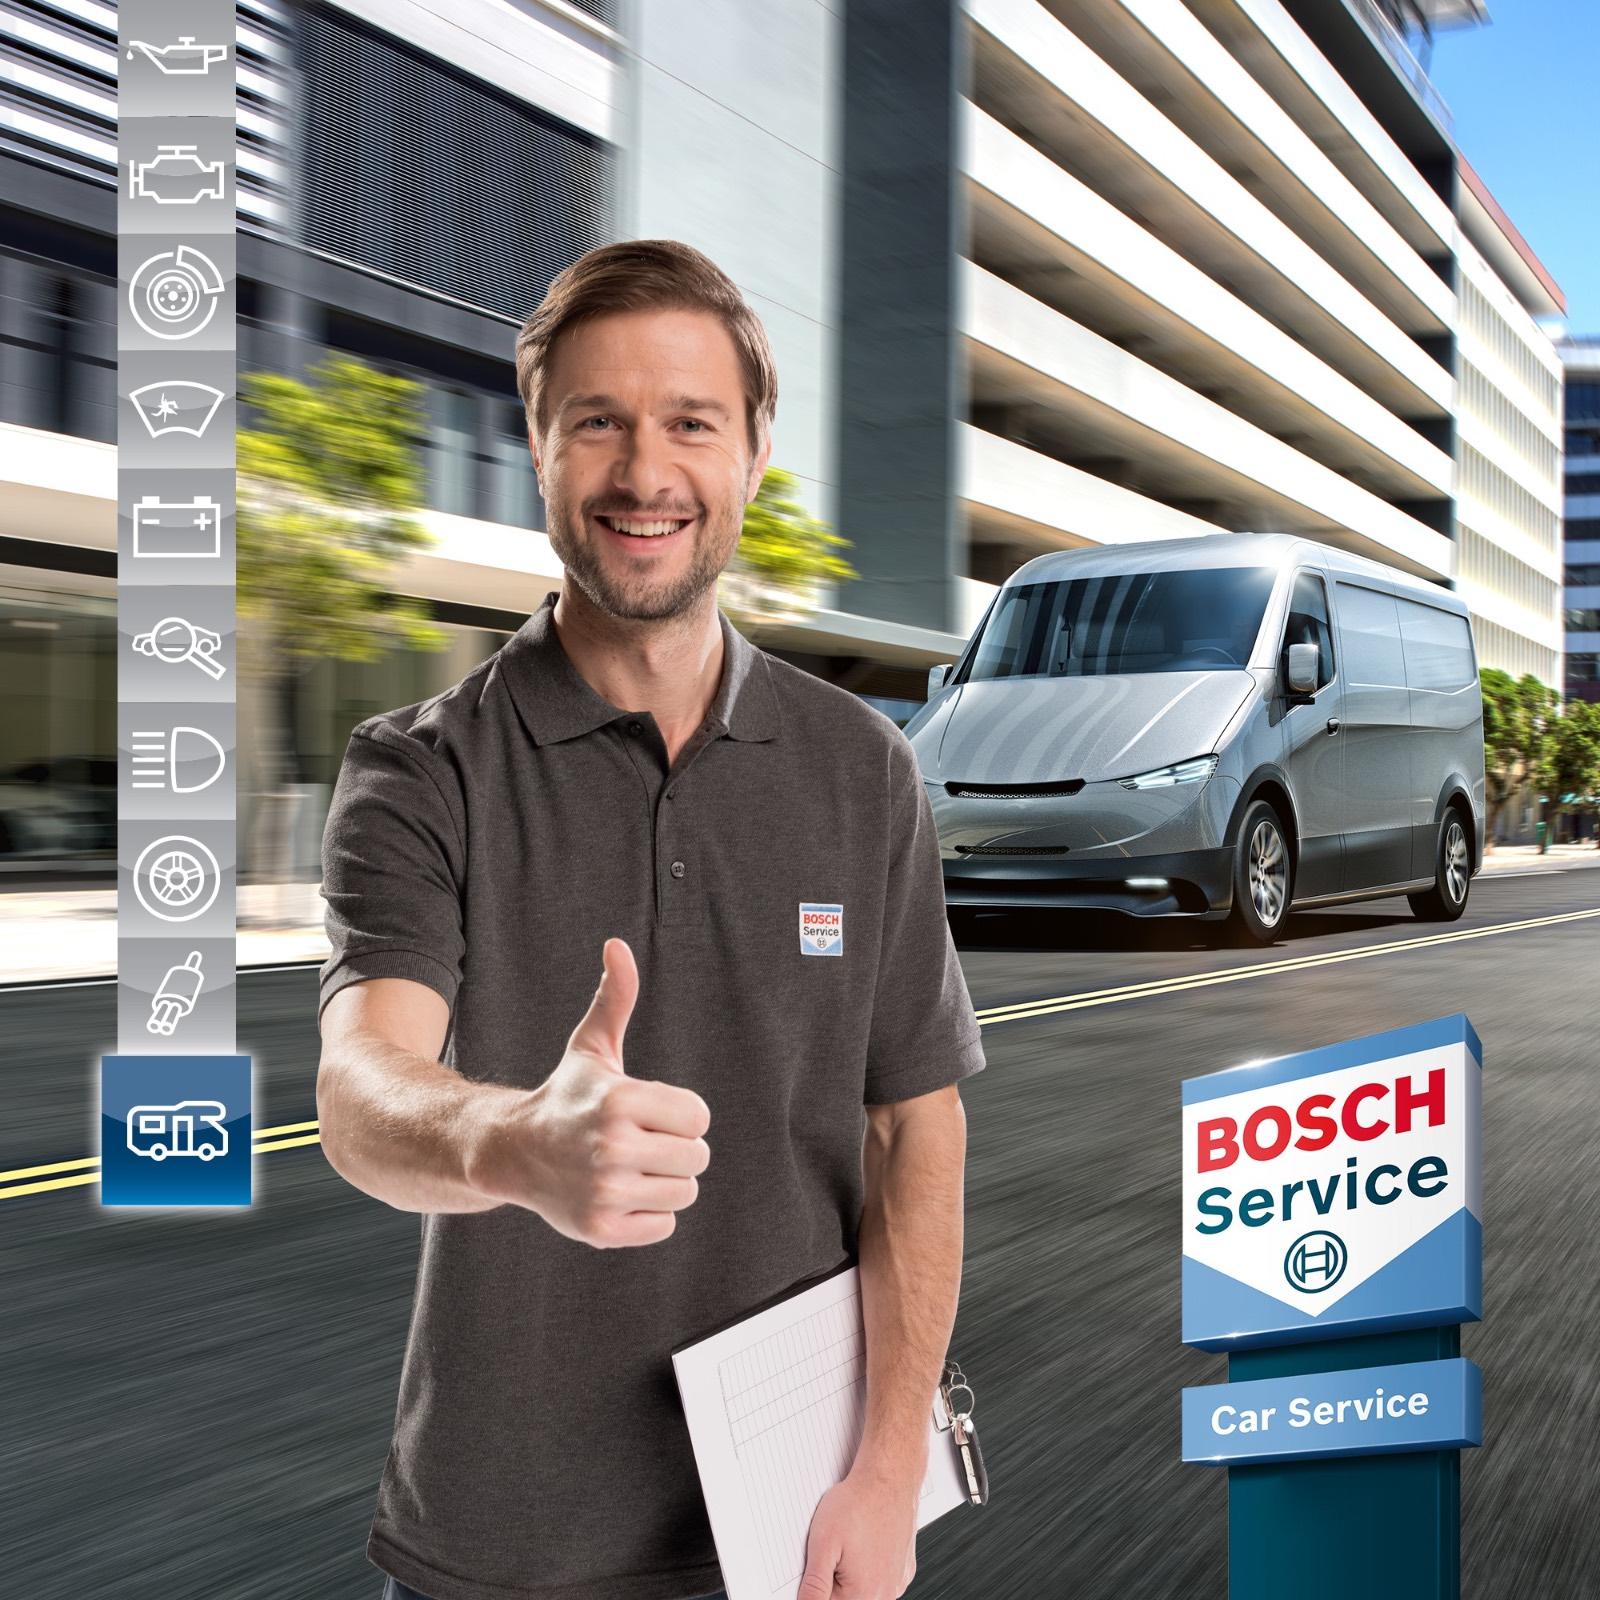 Ritiro e riconsegna veicoli a domicilio bosch car service a Vimercate